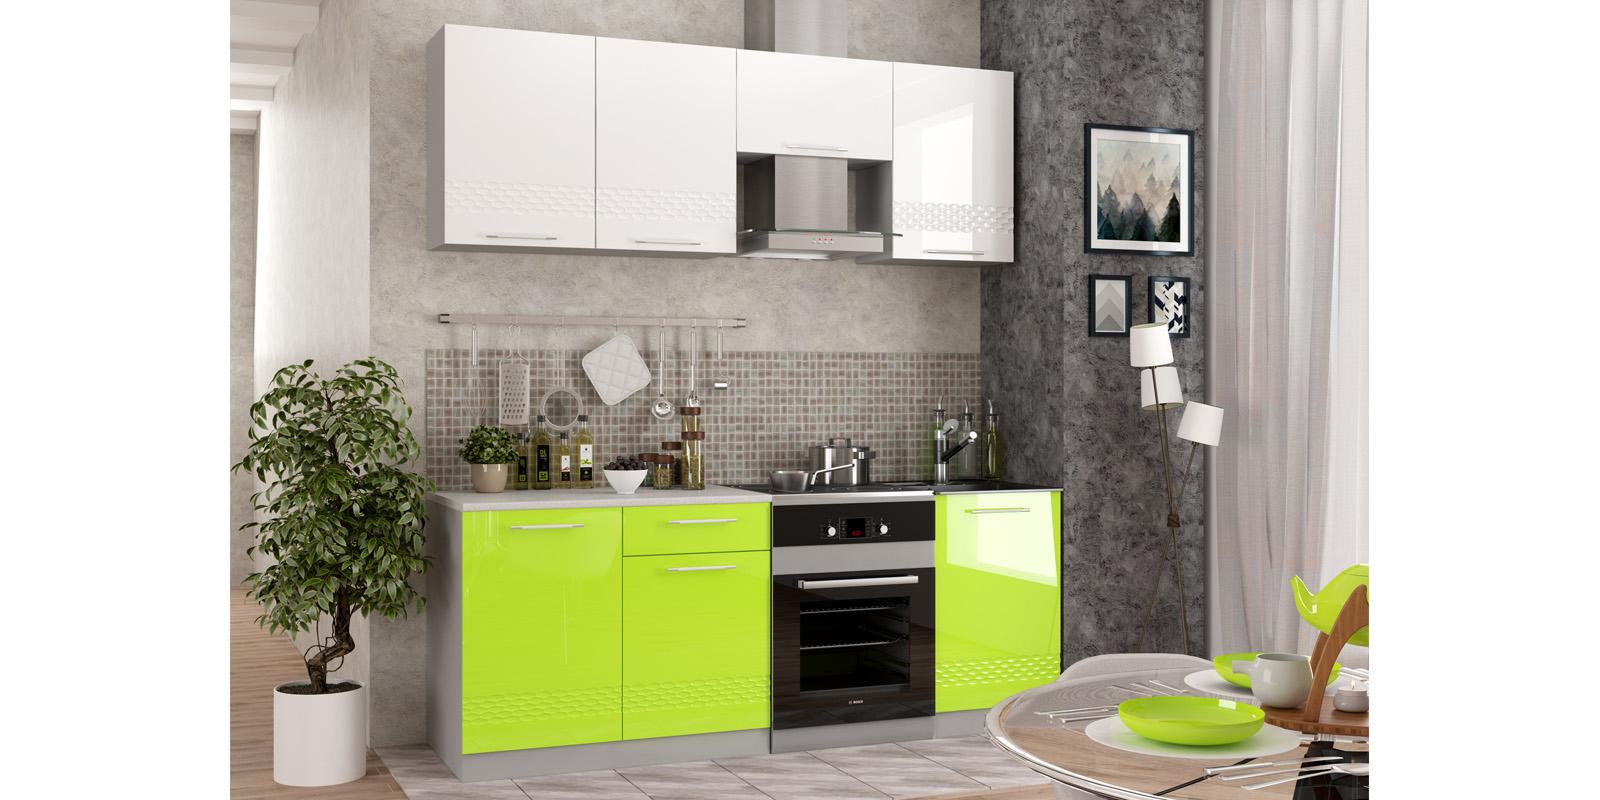 Модульная кухня Тиара вариант №1 (серый/лайм глянец) от HomeMe.ru